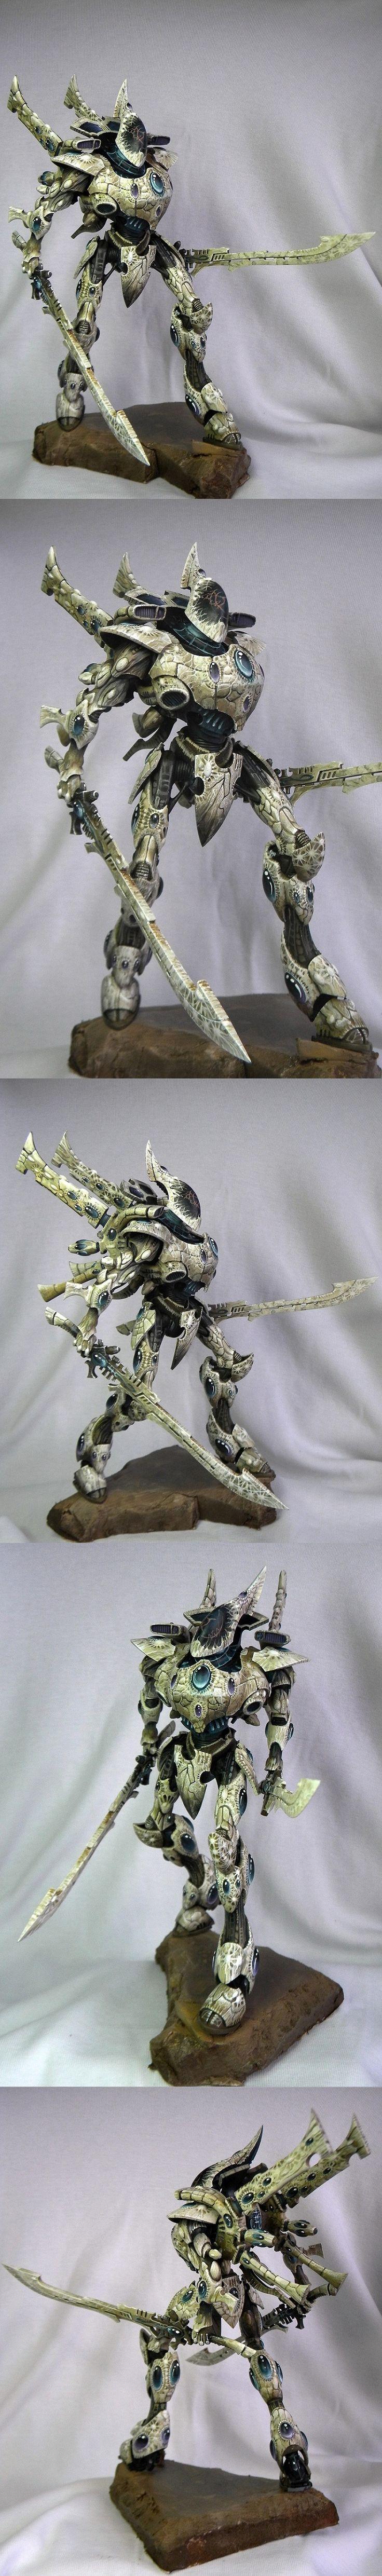 Eldar Wraithknight - hors